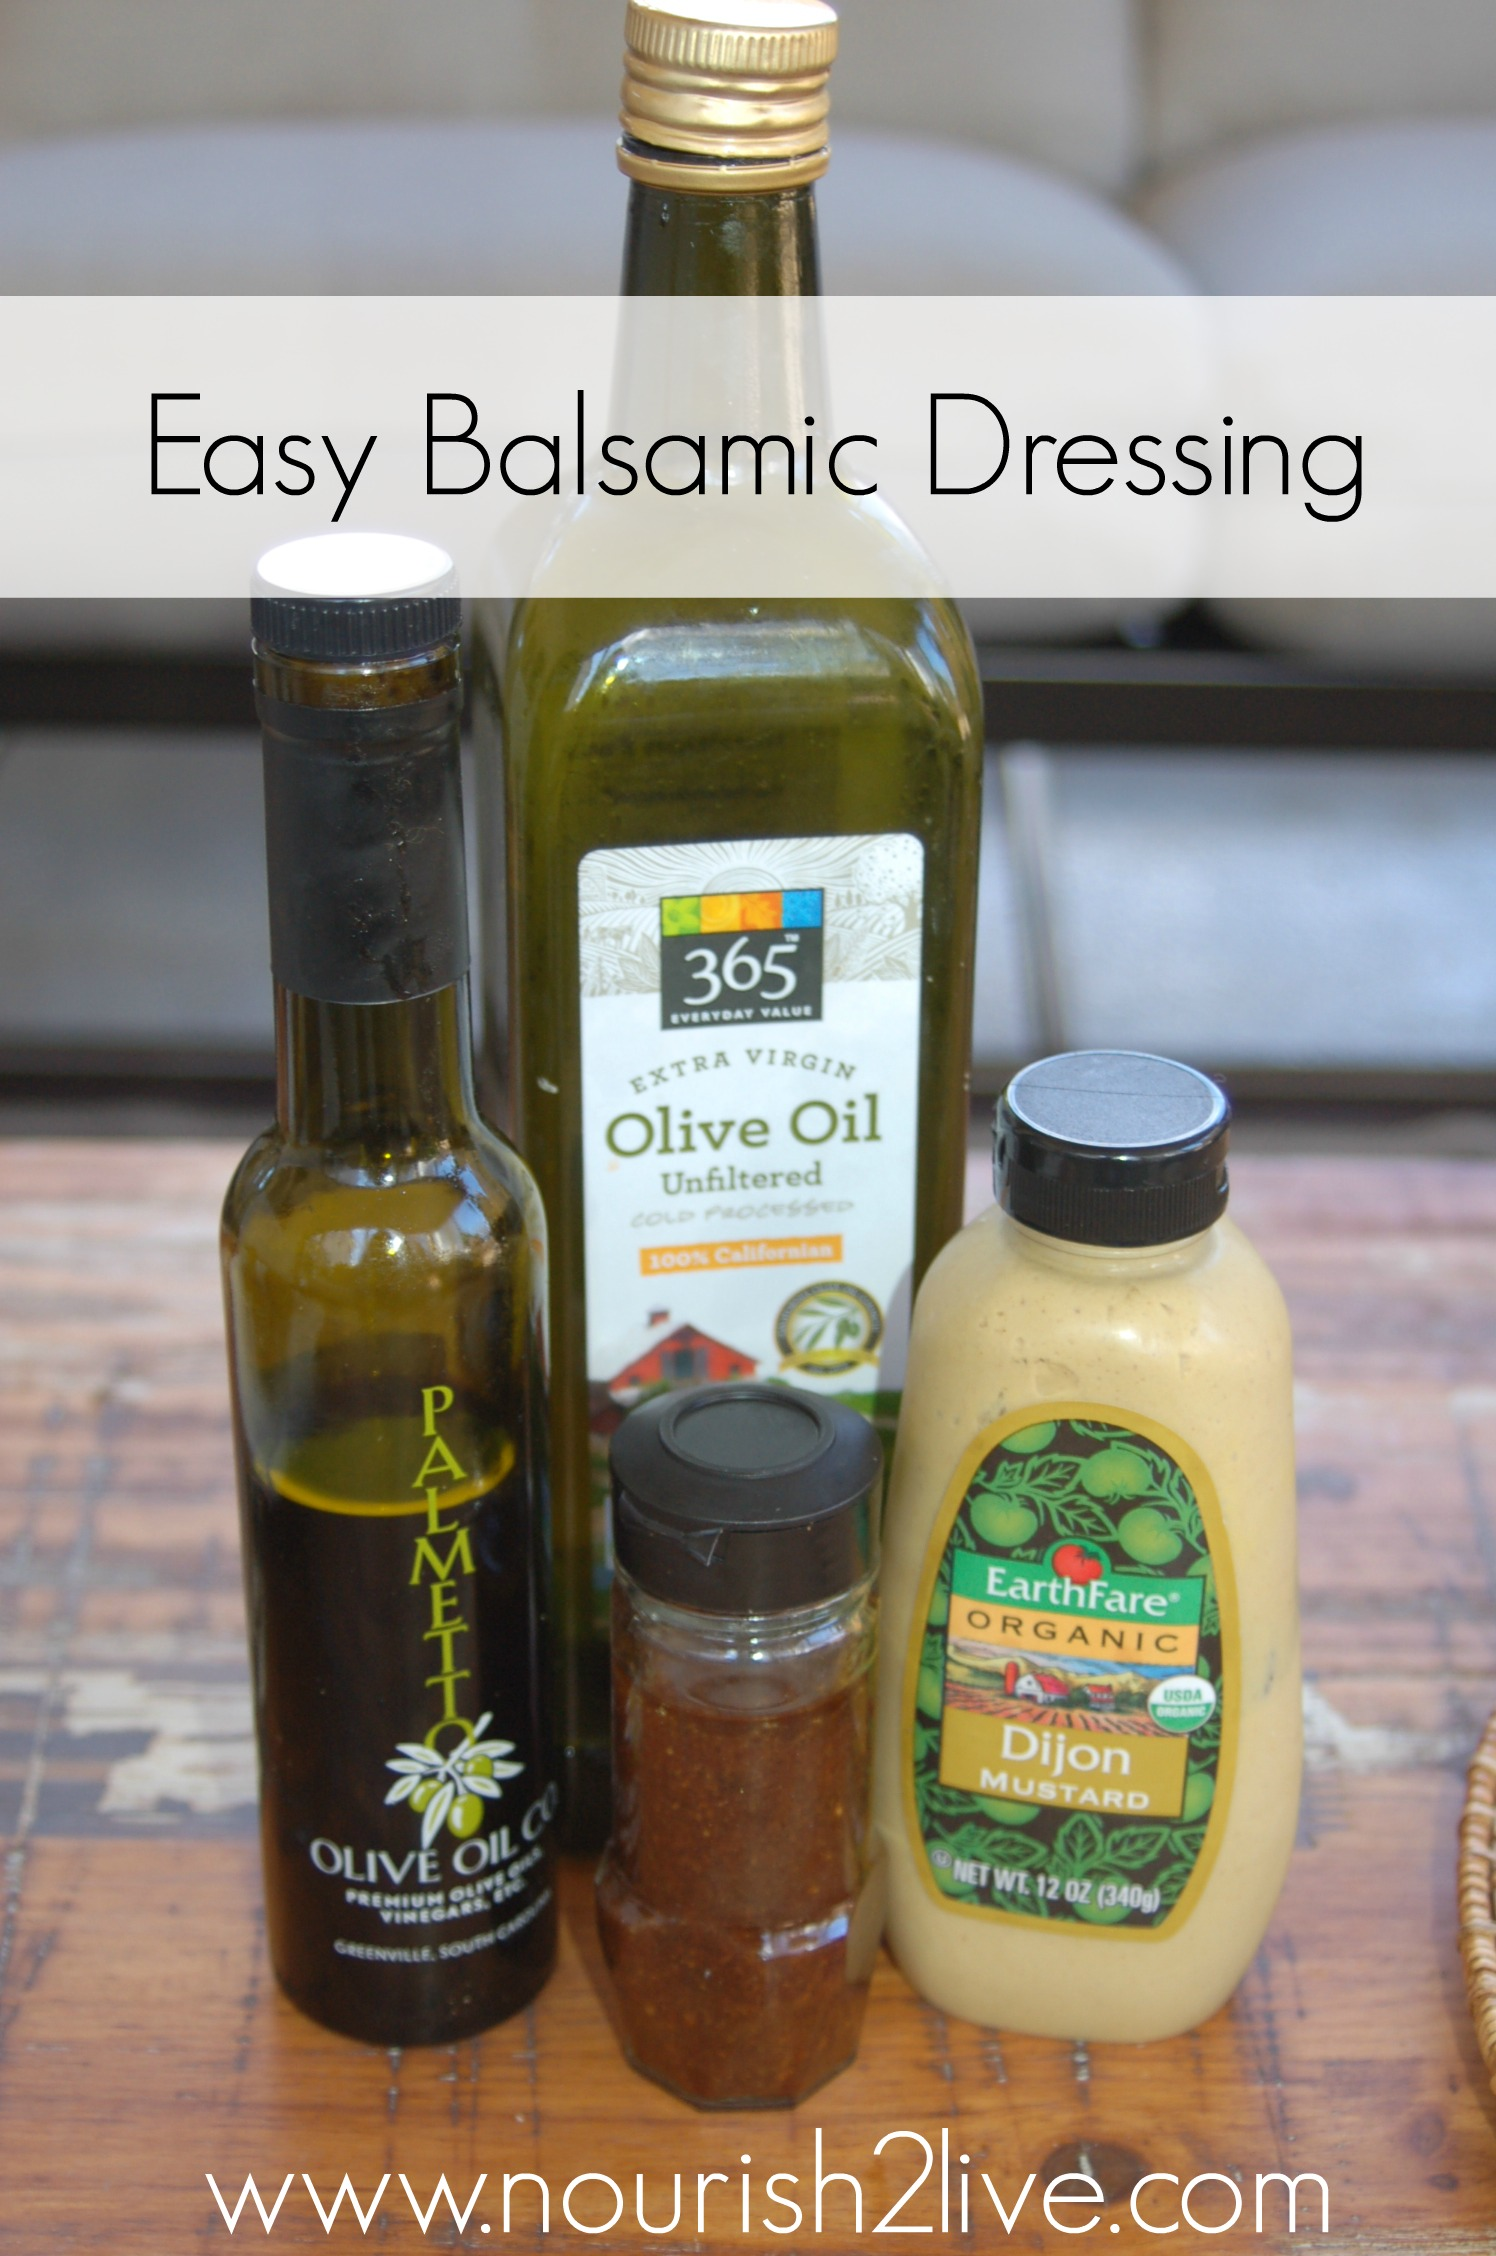 Easy Balsamic Dressing